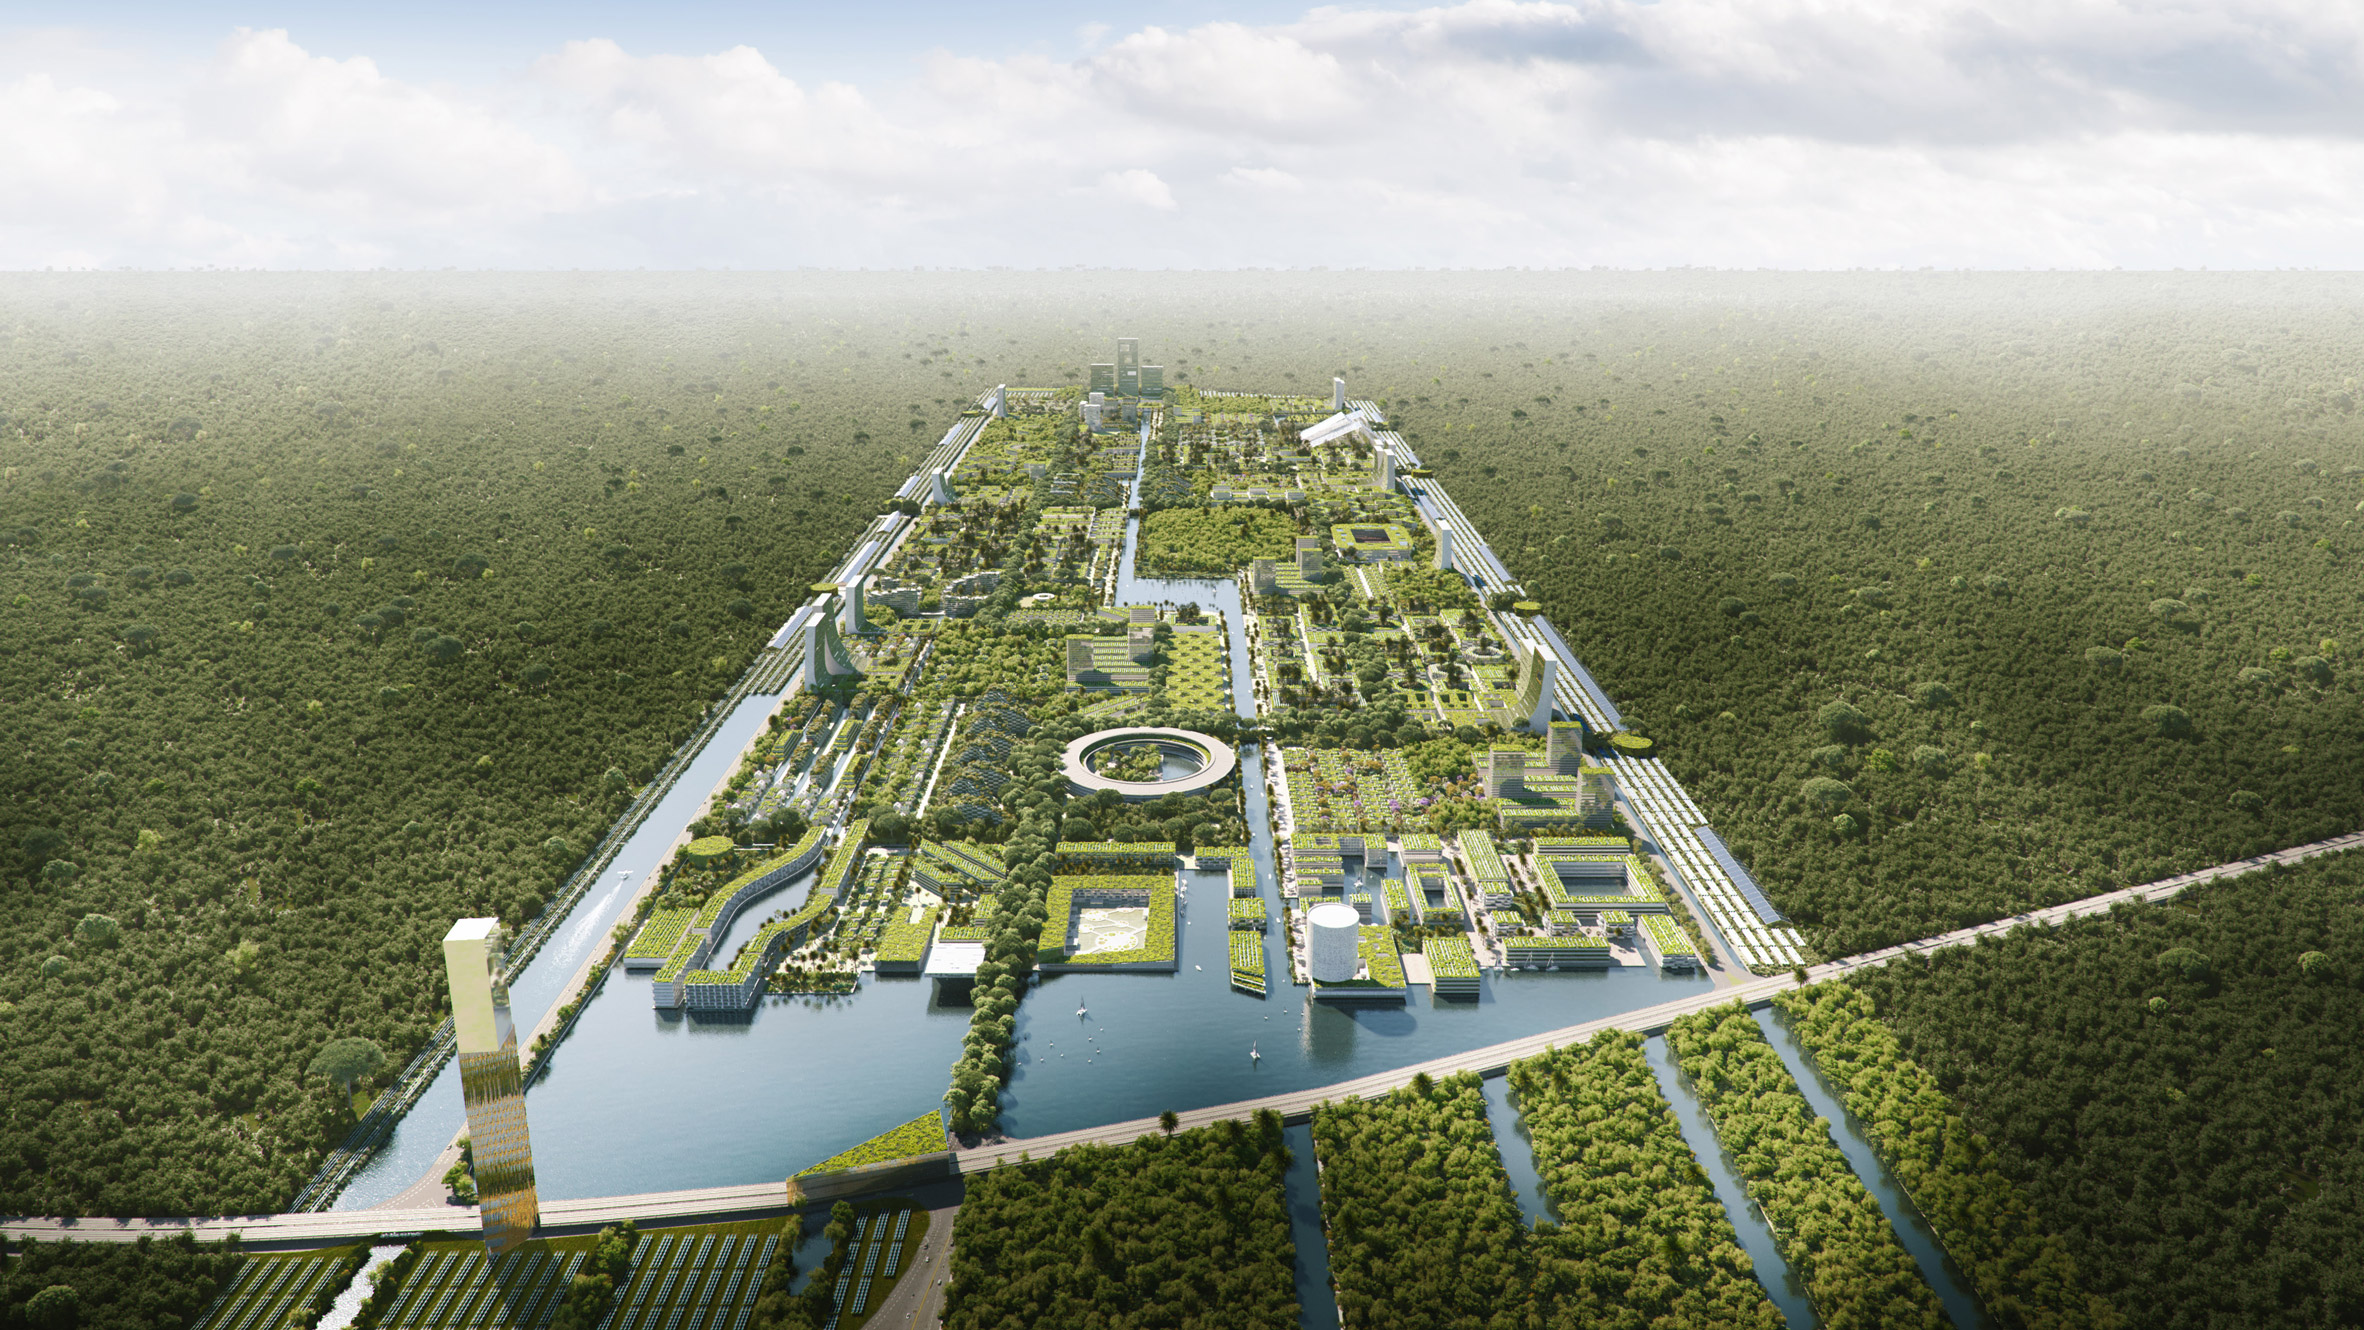 Smart Forest Cancún, la ciudad inteligente y ecológica que busca construir Stefano Boeri